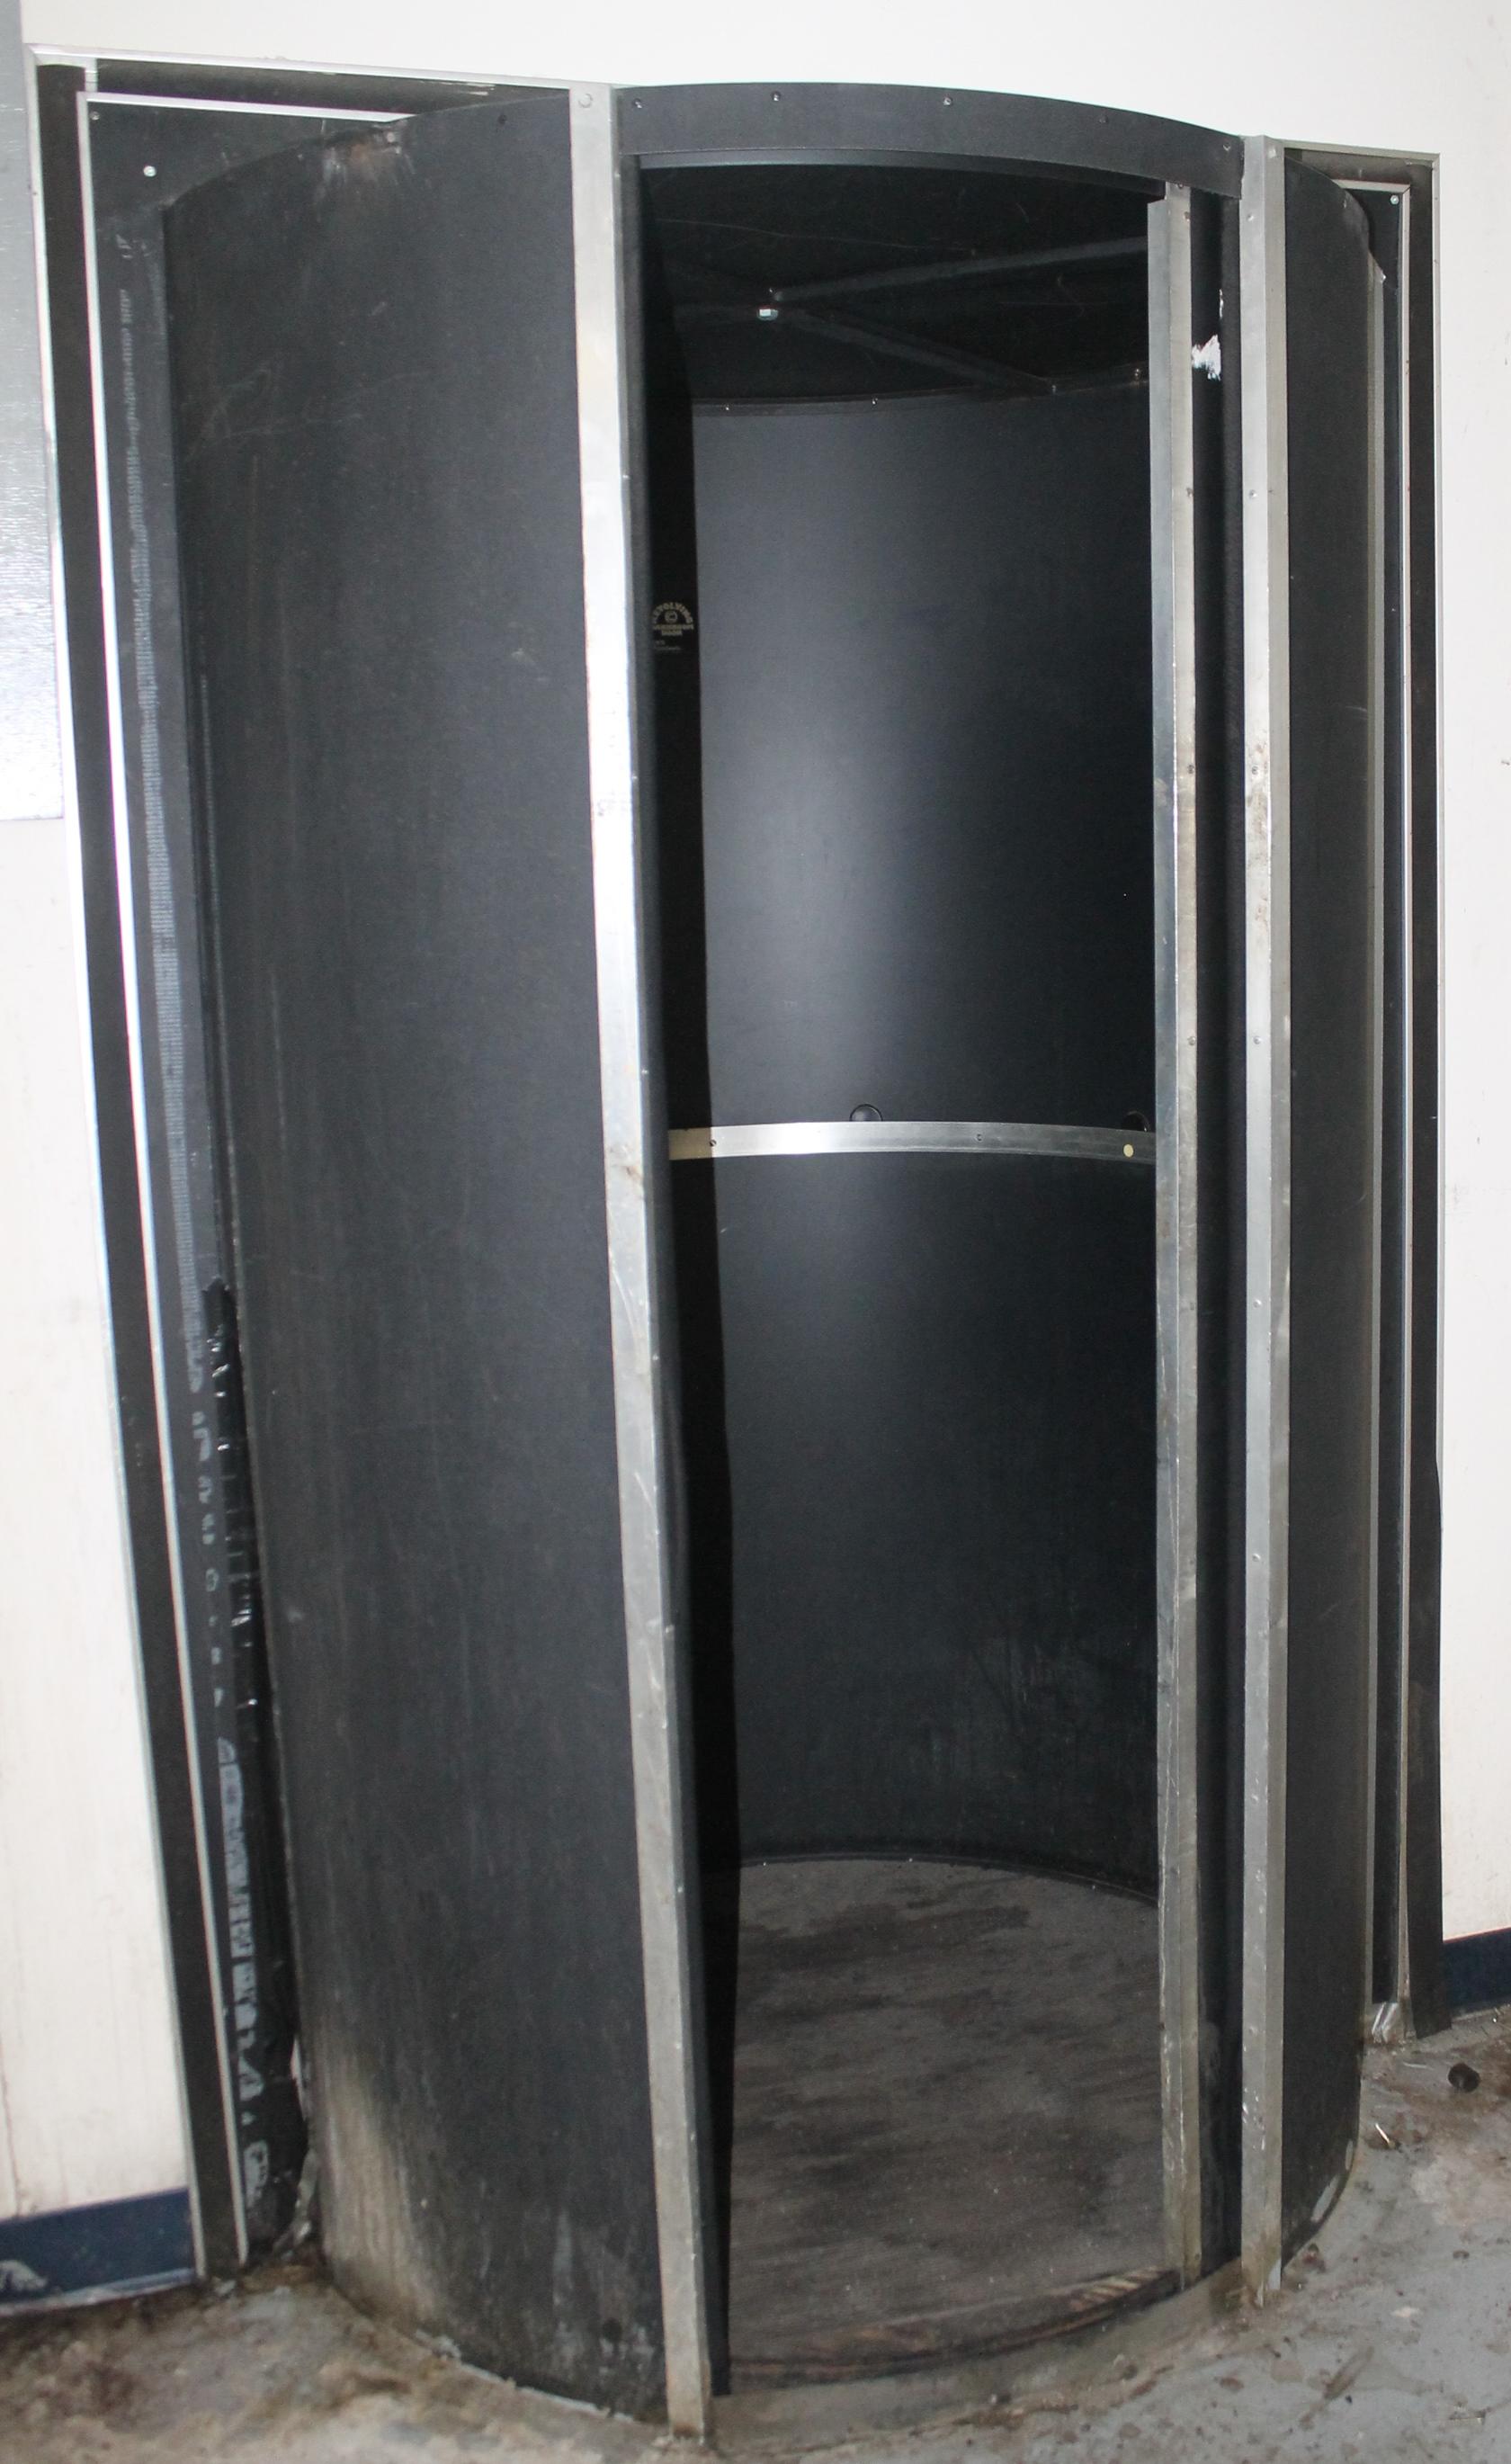 Lot 149 - 3-WAY REVOLVING DARKROOM DOOR & 3-WAY REVOLVING DARKROOM DOOR WALL OPENING SIZE: 49.5